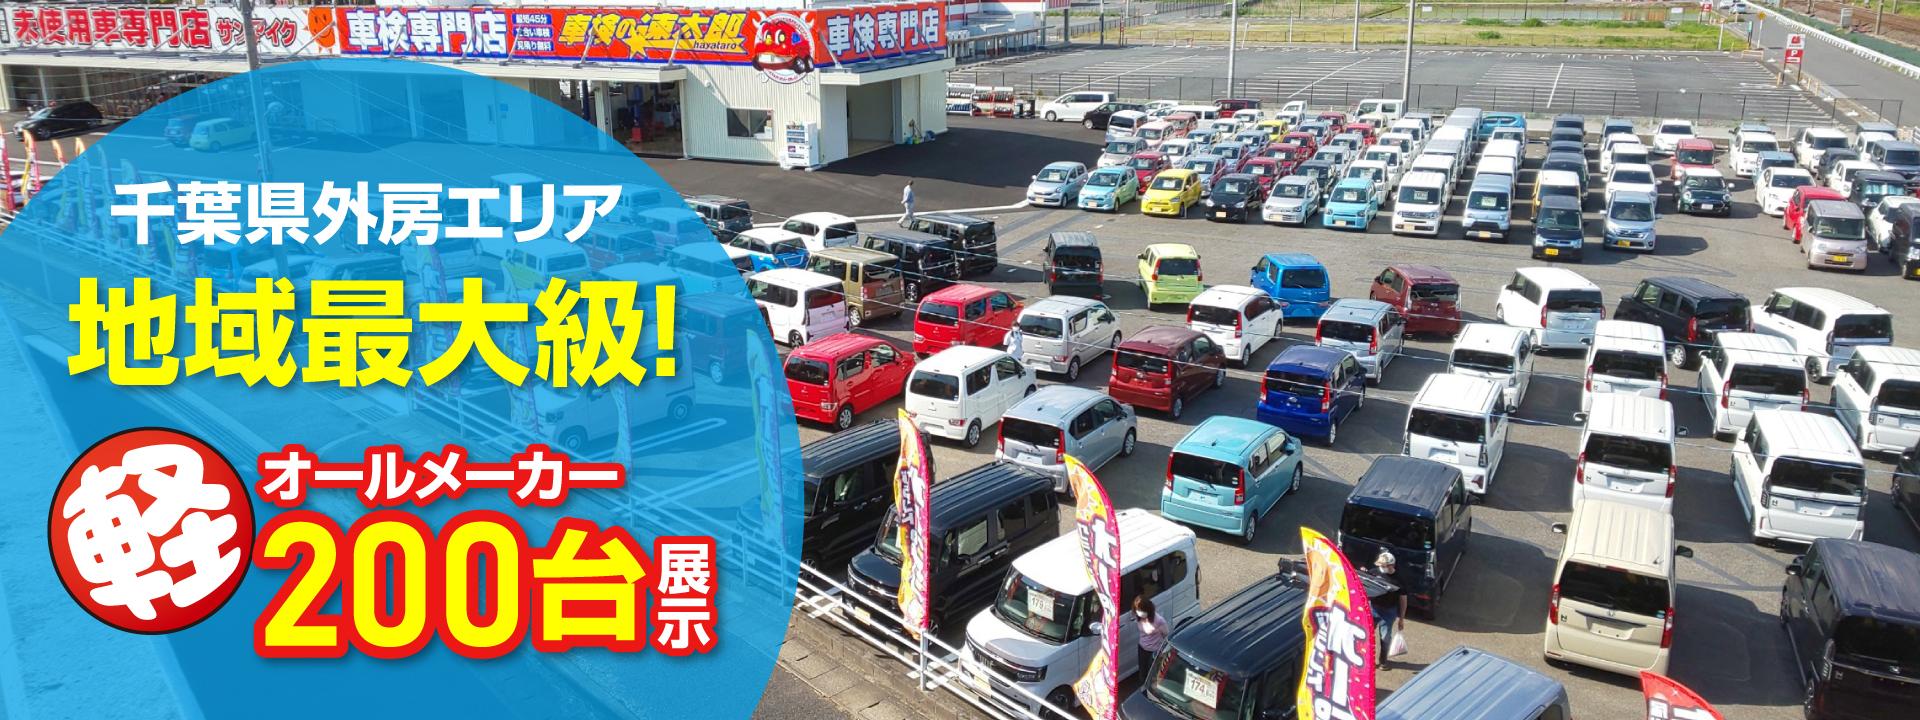 茂原エリア最大級の車両展示